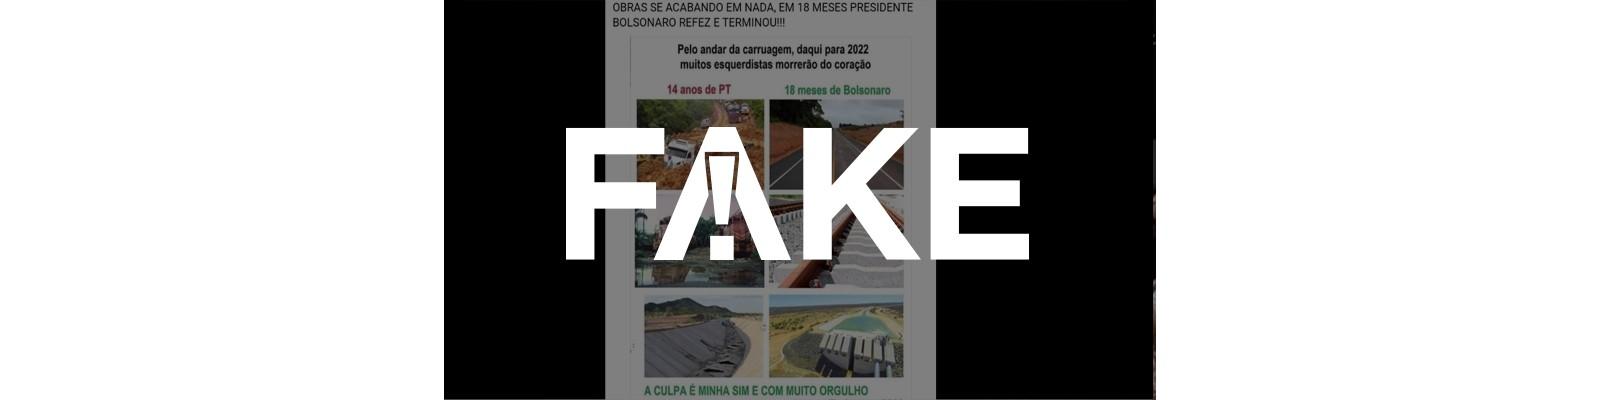 É #FAKE que fotos mostrem obras concluídas em 18 meses de governo Bolsonaro